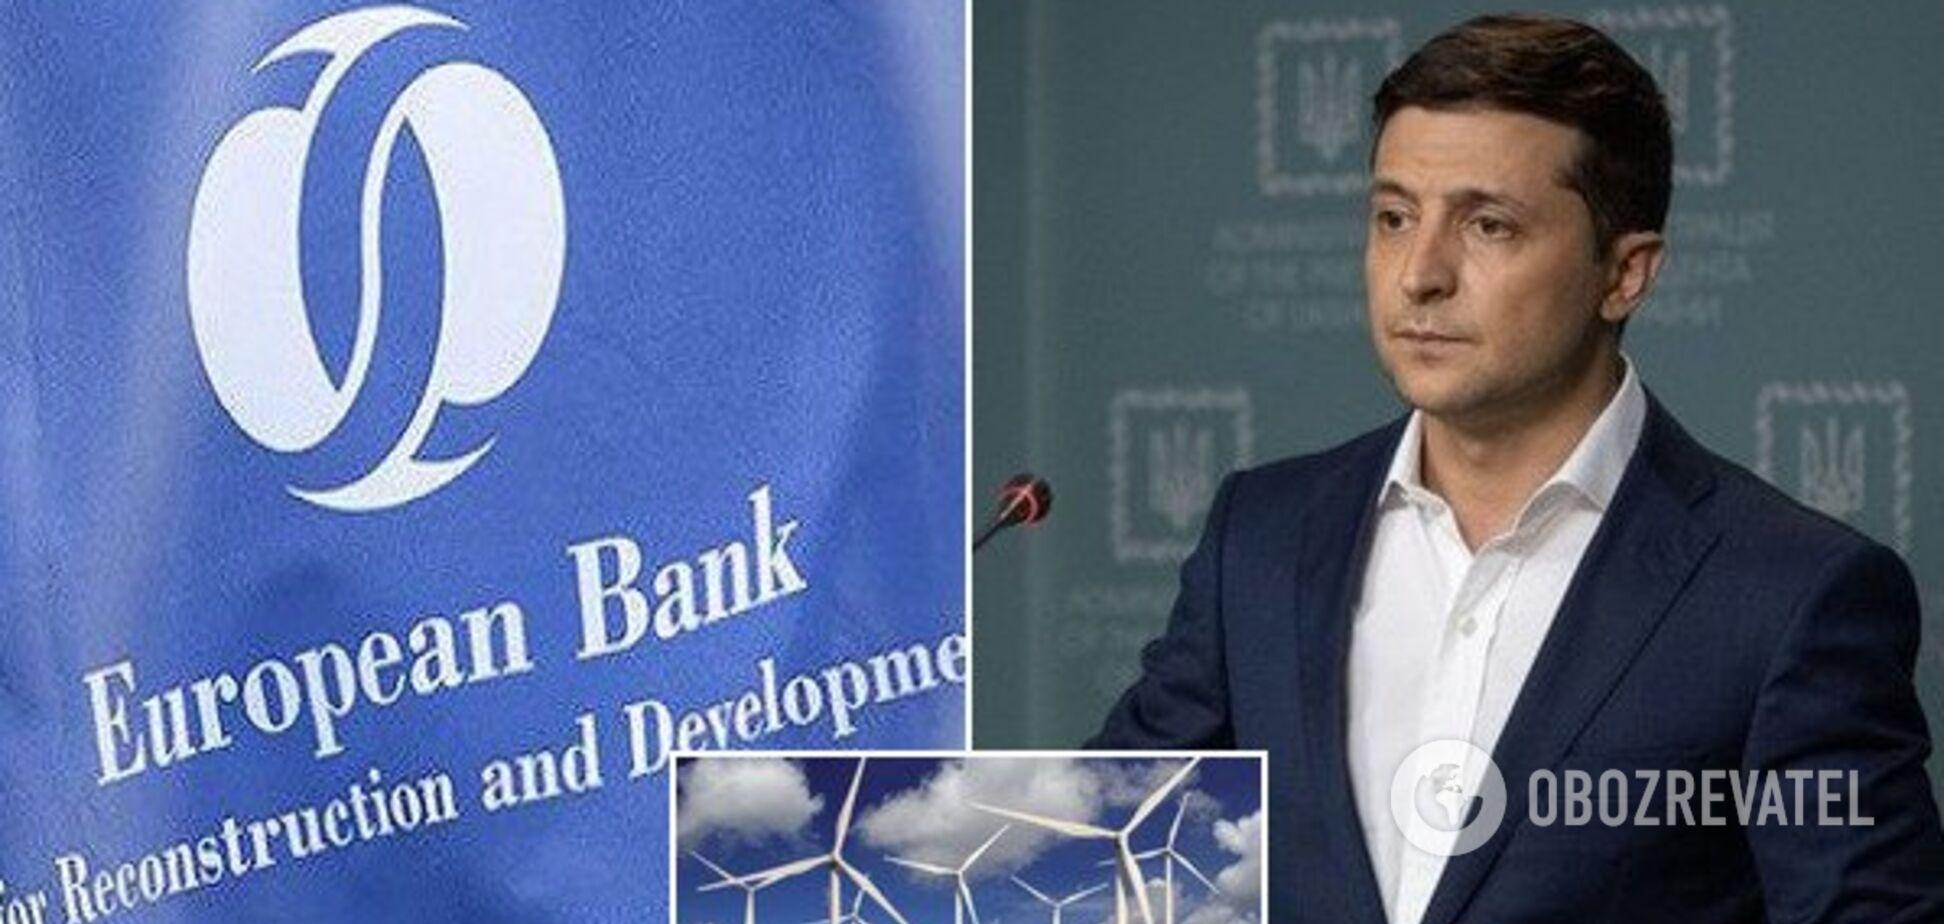 'Зеленый тариф' под угрозой из-за решения суда: ЕБРР обратился к Зеленскому